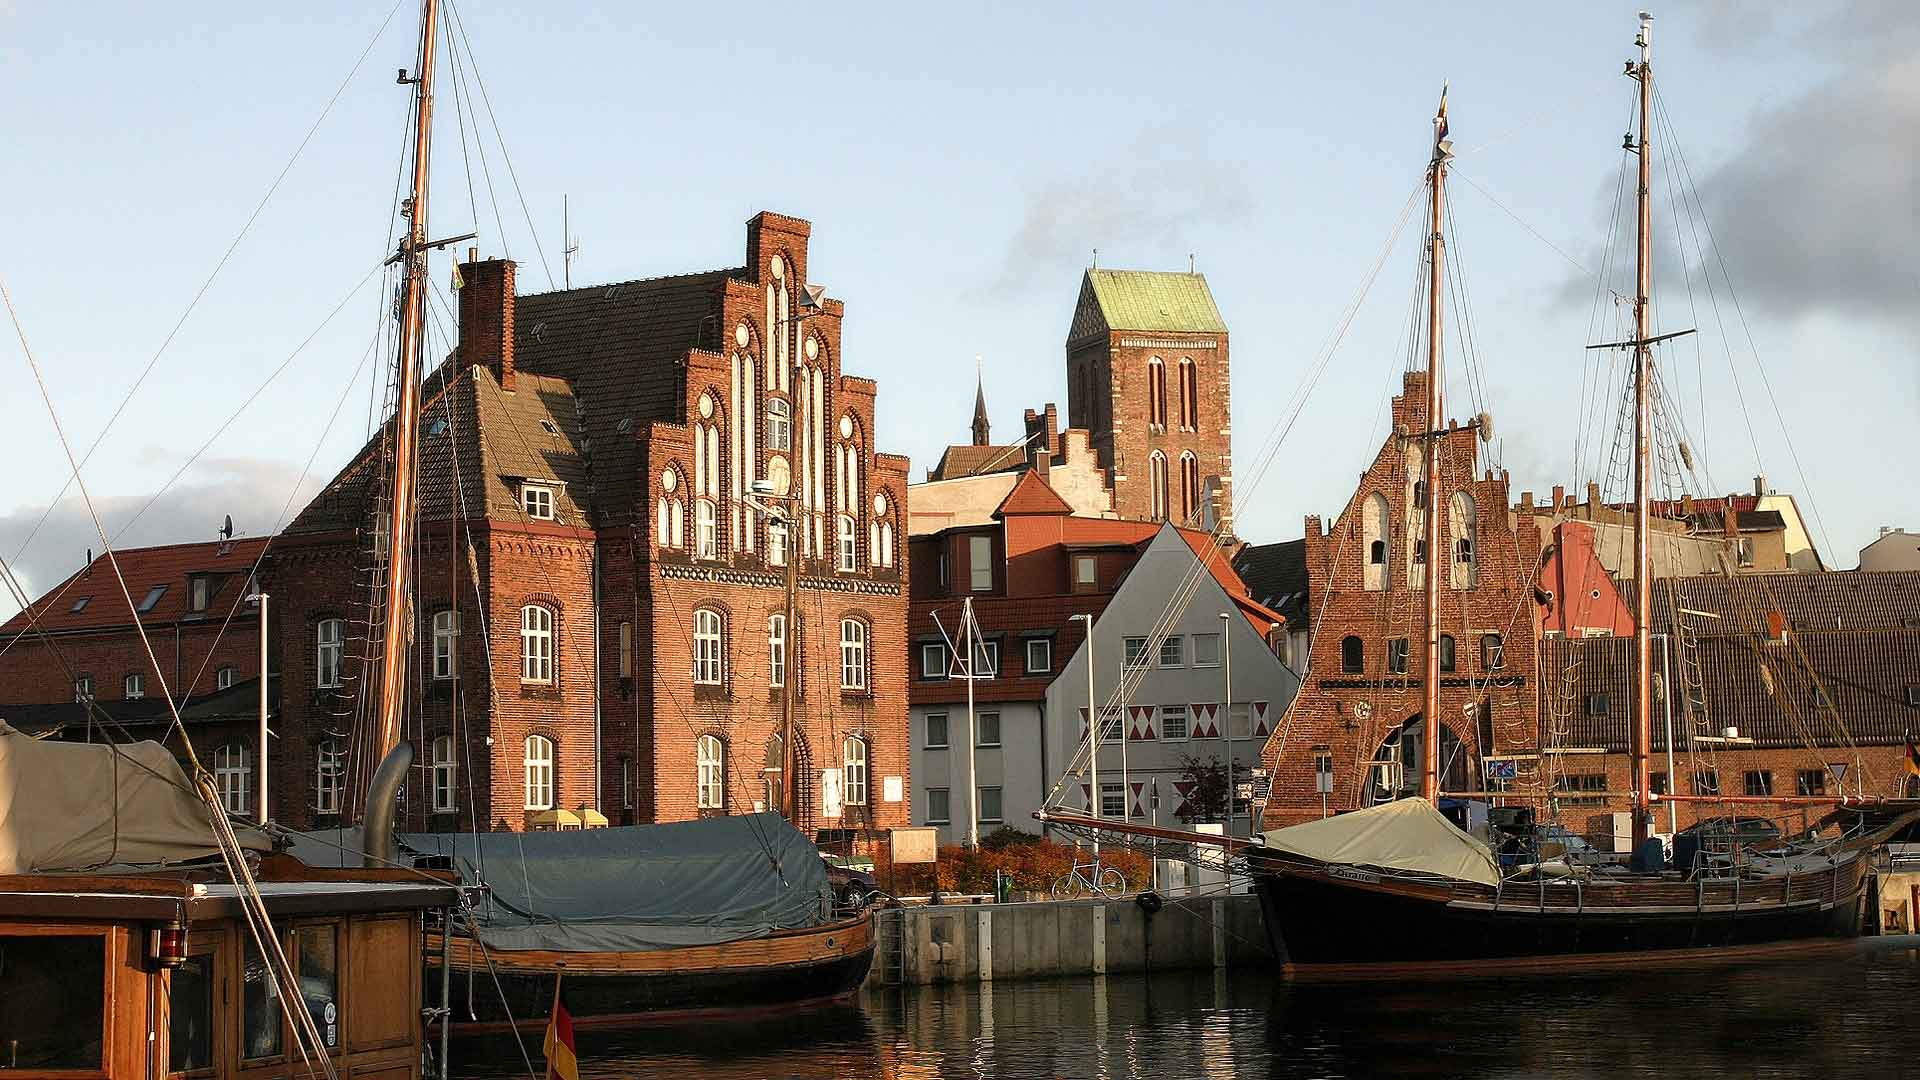 Het stadje Wismar aan de Oostzee lijkt wel te zijn weggelopen uit een 17de eeuws Nederlands schilderij.